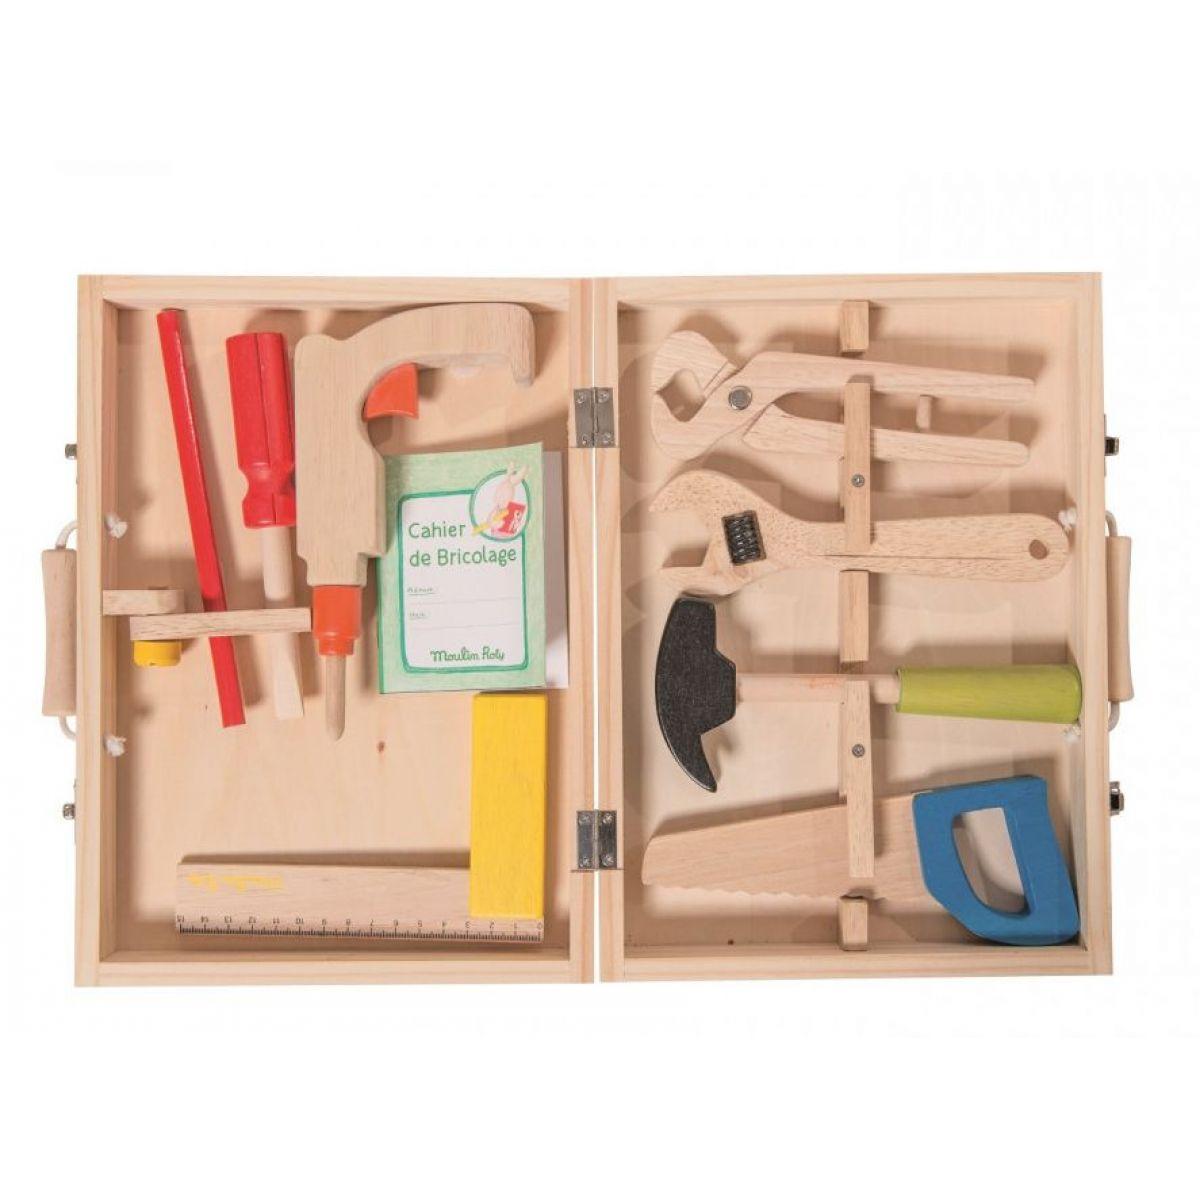 Moulin Roty Dřevěné nářadí v krásném kufříku